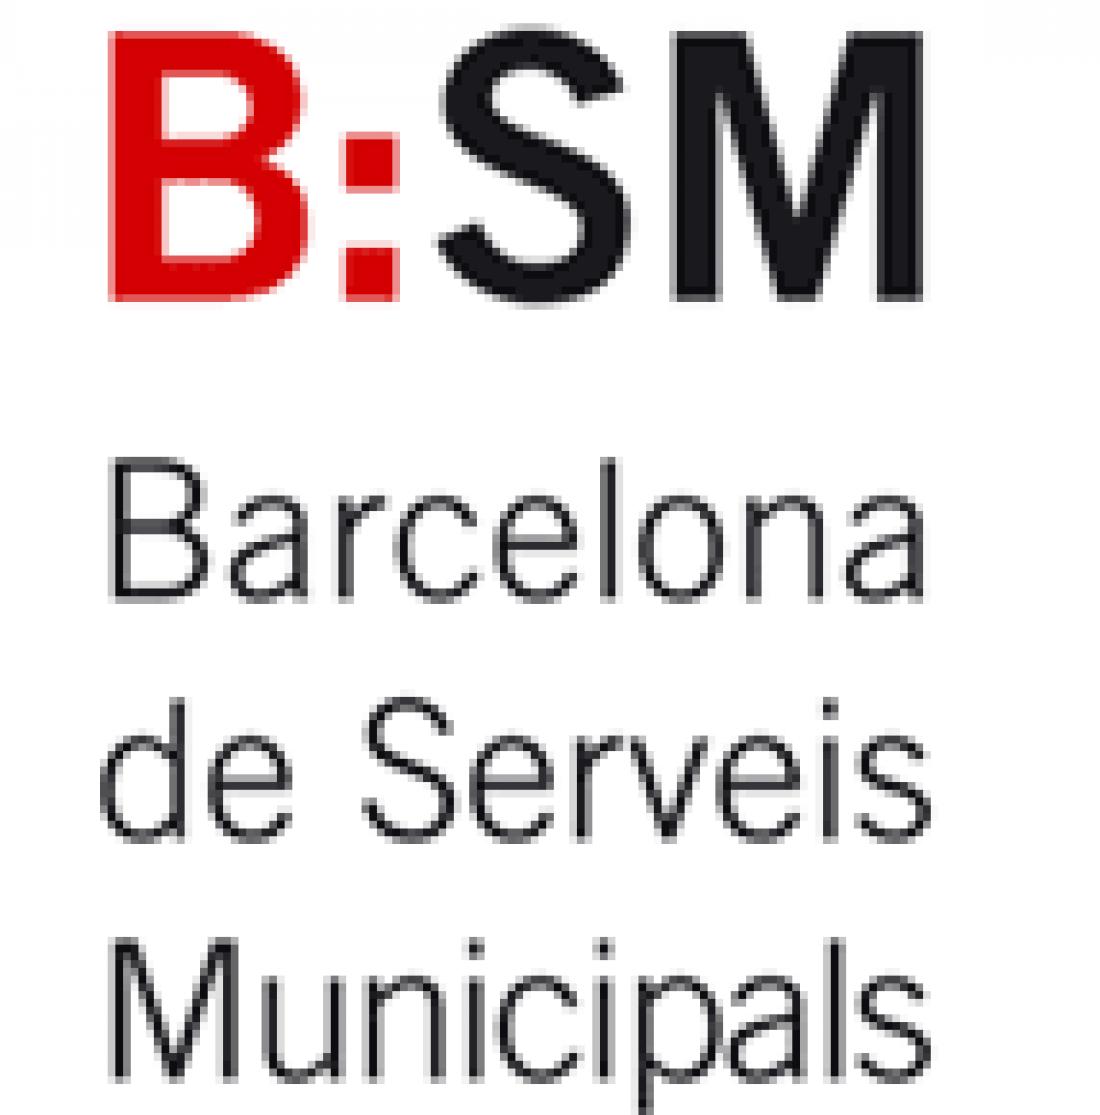 Presentado conflicto colectivo en B:SM (Barcelona Serveis Municipals) por la denegación de las reducciones de jornada